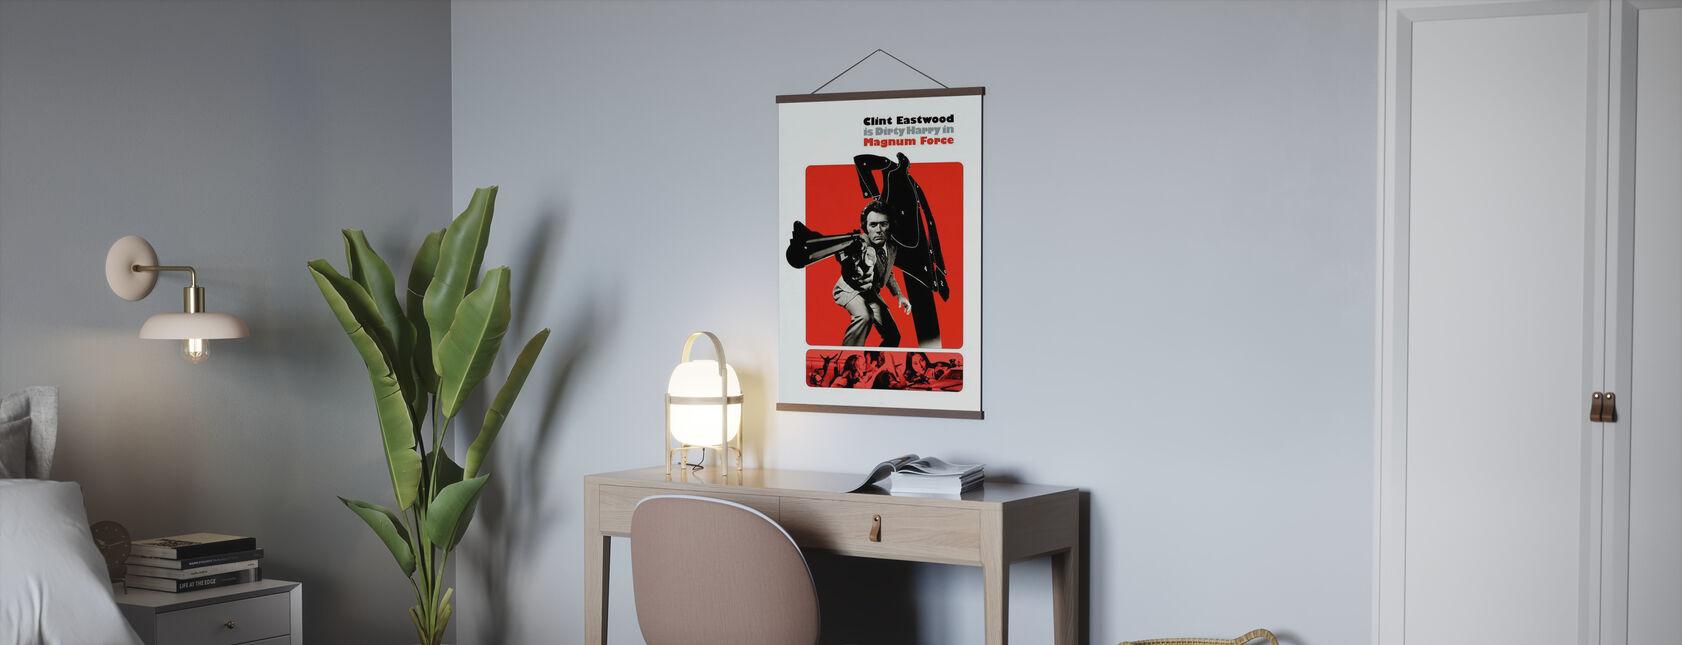 Magnum Force - Clint Eastwood - Poster - Kantoor